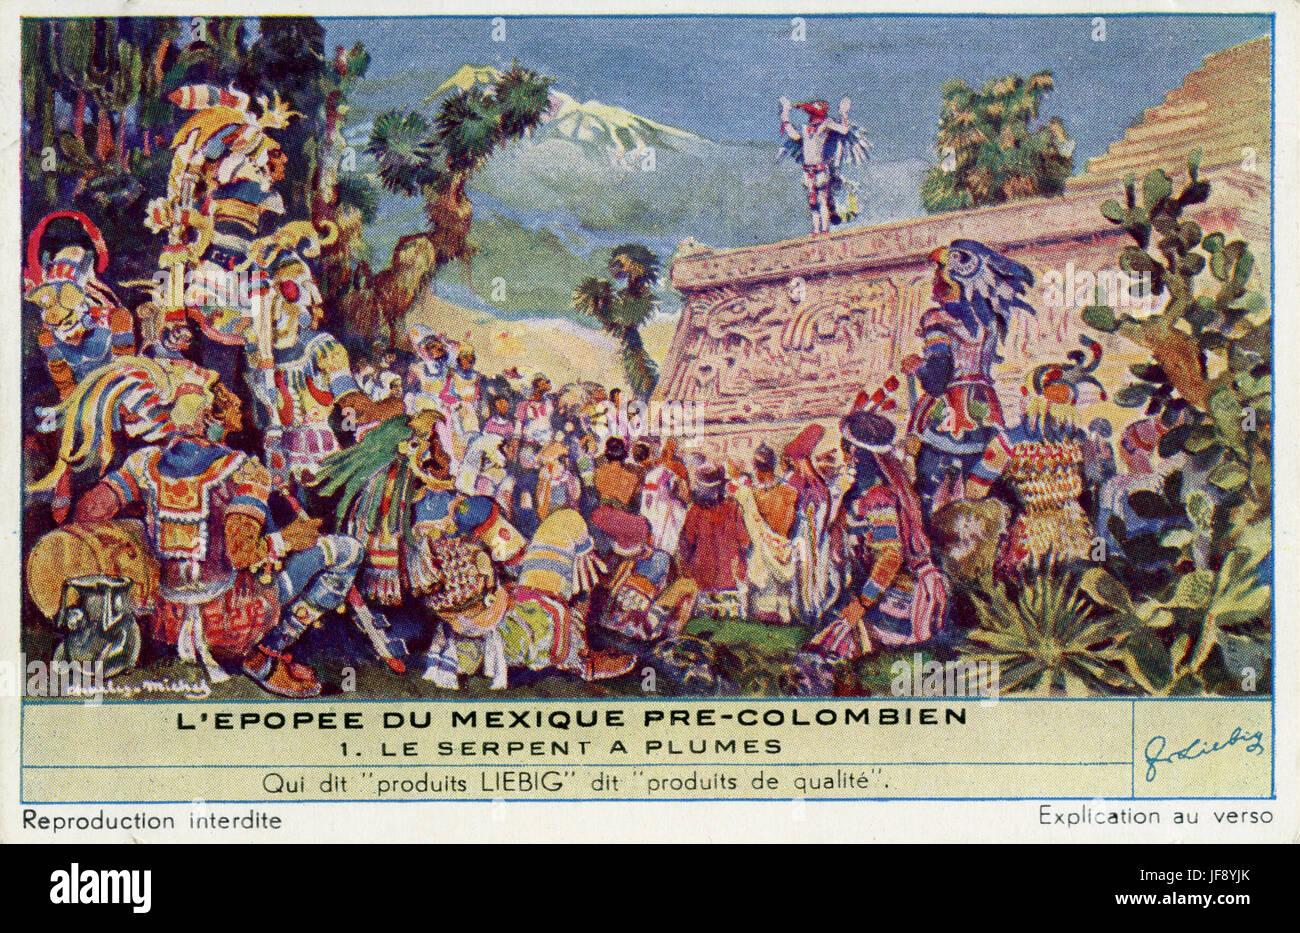 Quetzalcoatl (feathered serpent), Aztec / Toltec god. Pre-Colombian Mexican culture. Liebig collectors card, 1950 - Stock Image